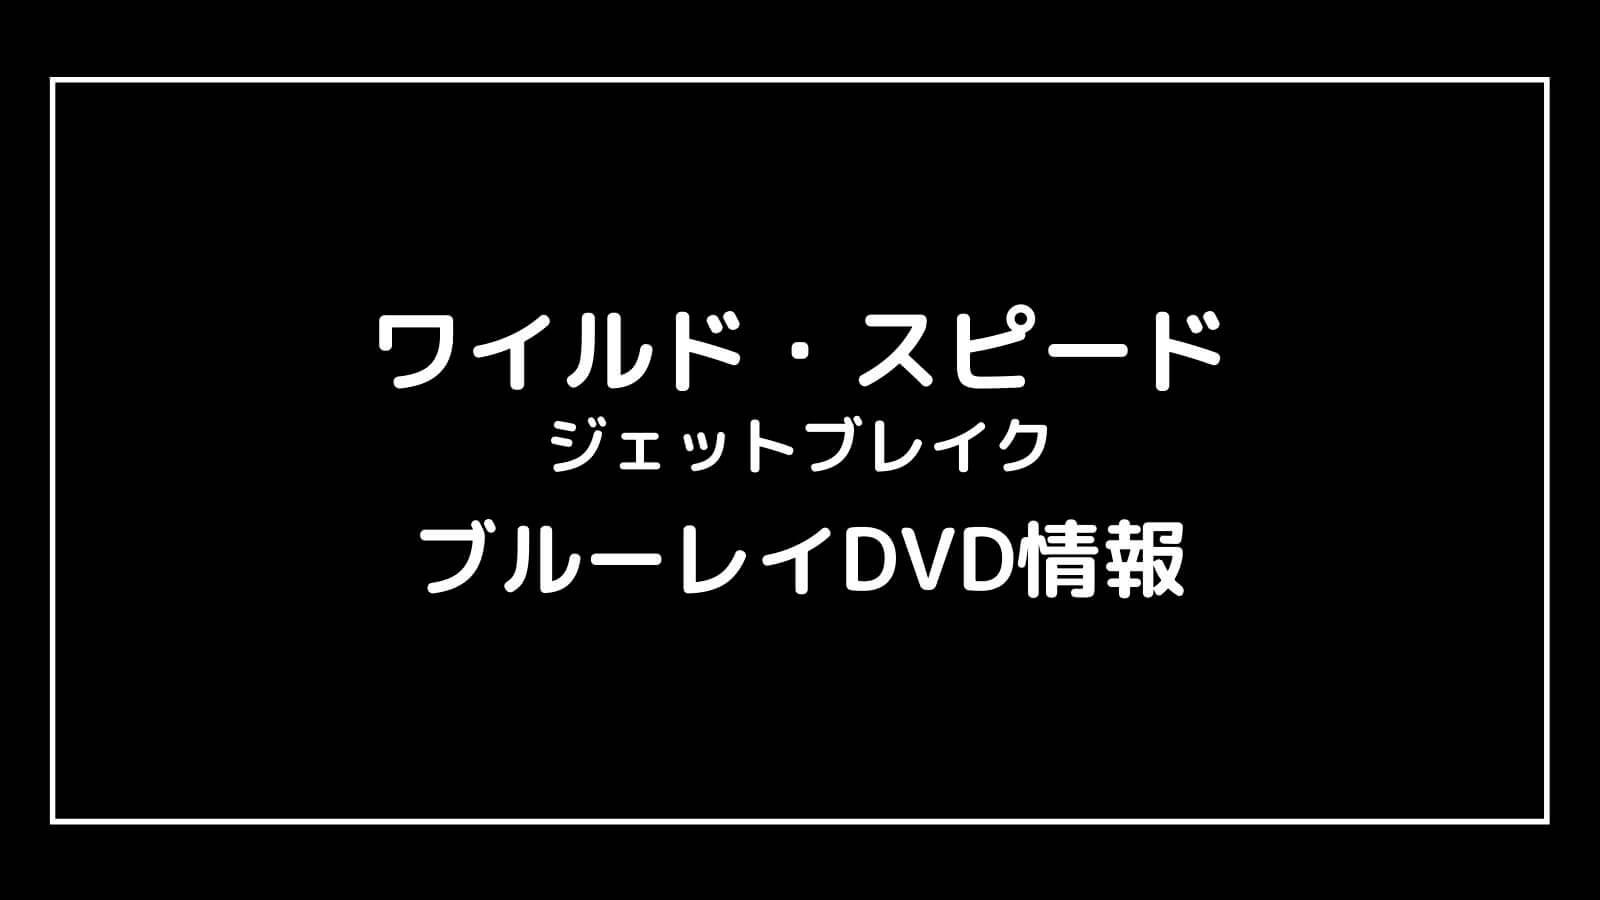 映画『ワイルド・スピード ジェットブレイク』のDVD発売日と予約開始日はいつから?ワイスピ円盤情報まとめ